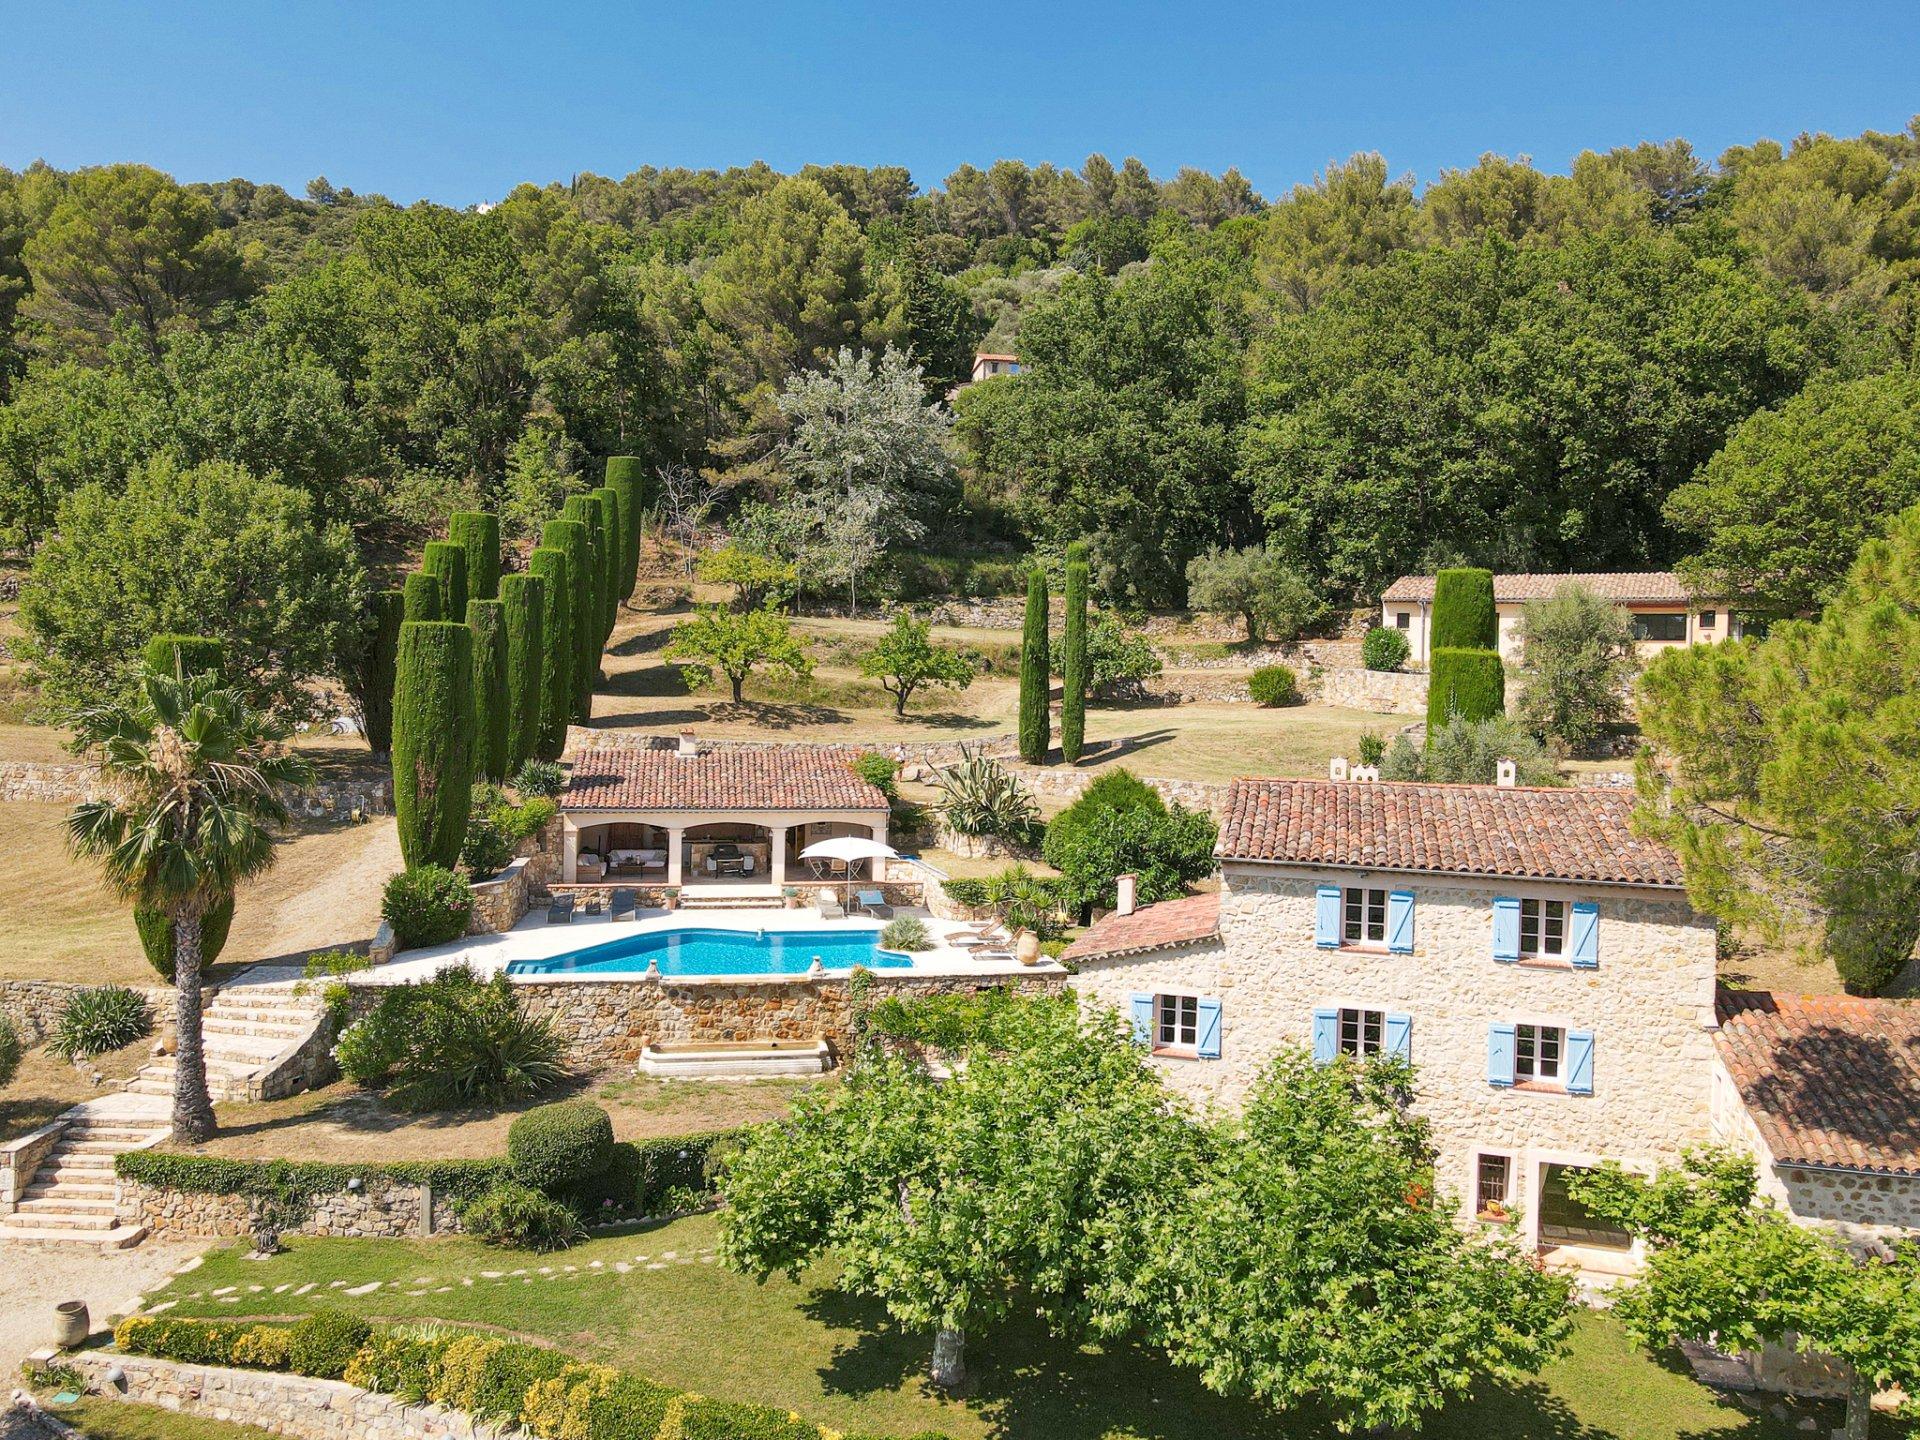 Provence Callian Prachtig landgoed met uitzicht, groot zwembad en gastenverblijf